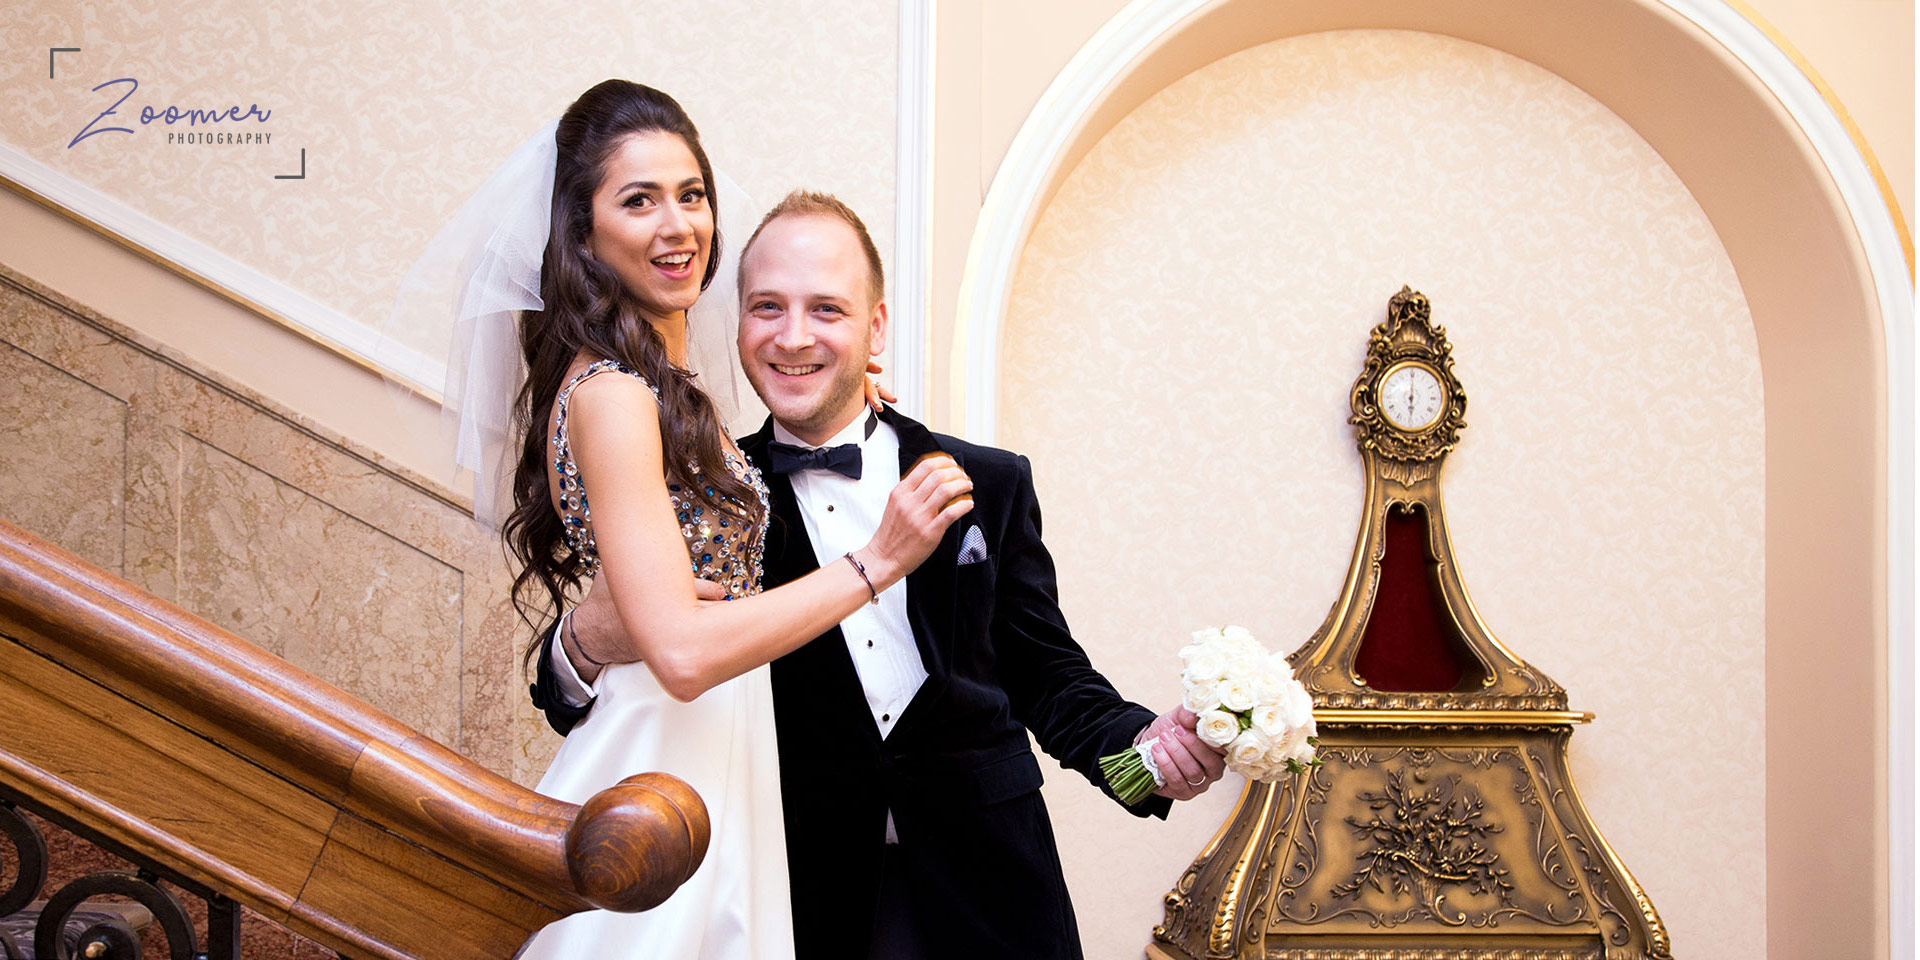 foto-nunta-cuplu-pe-scari-cu-buchet